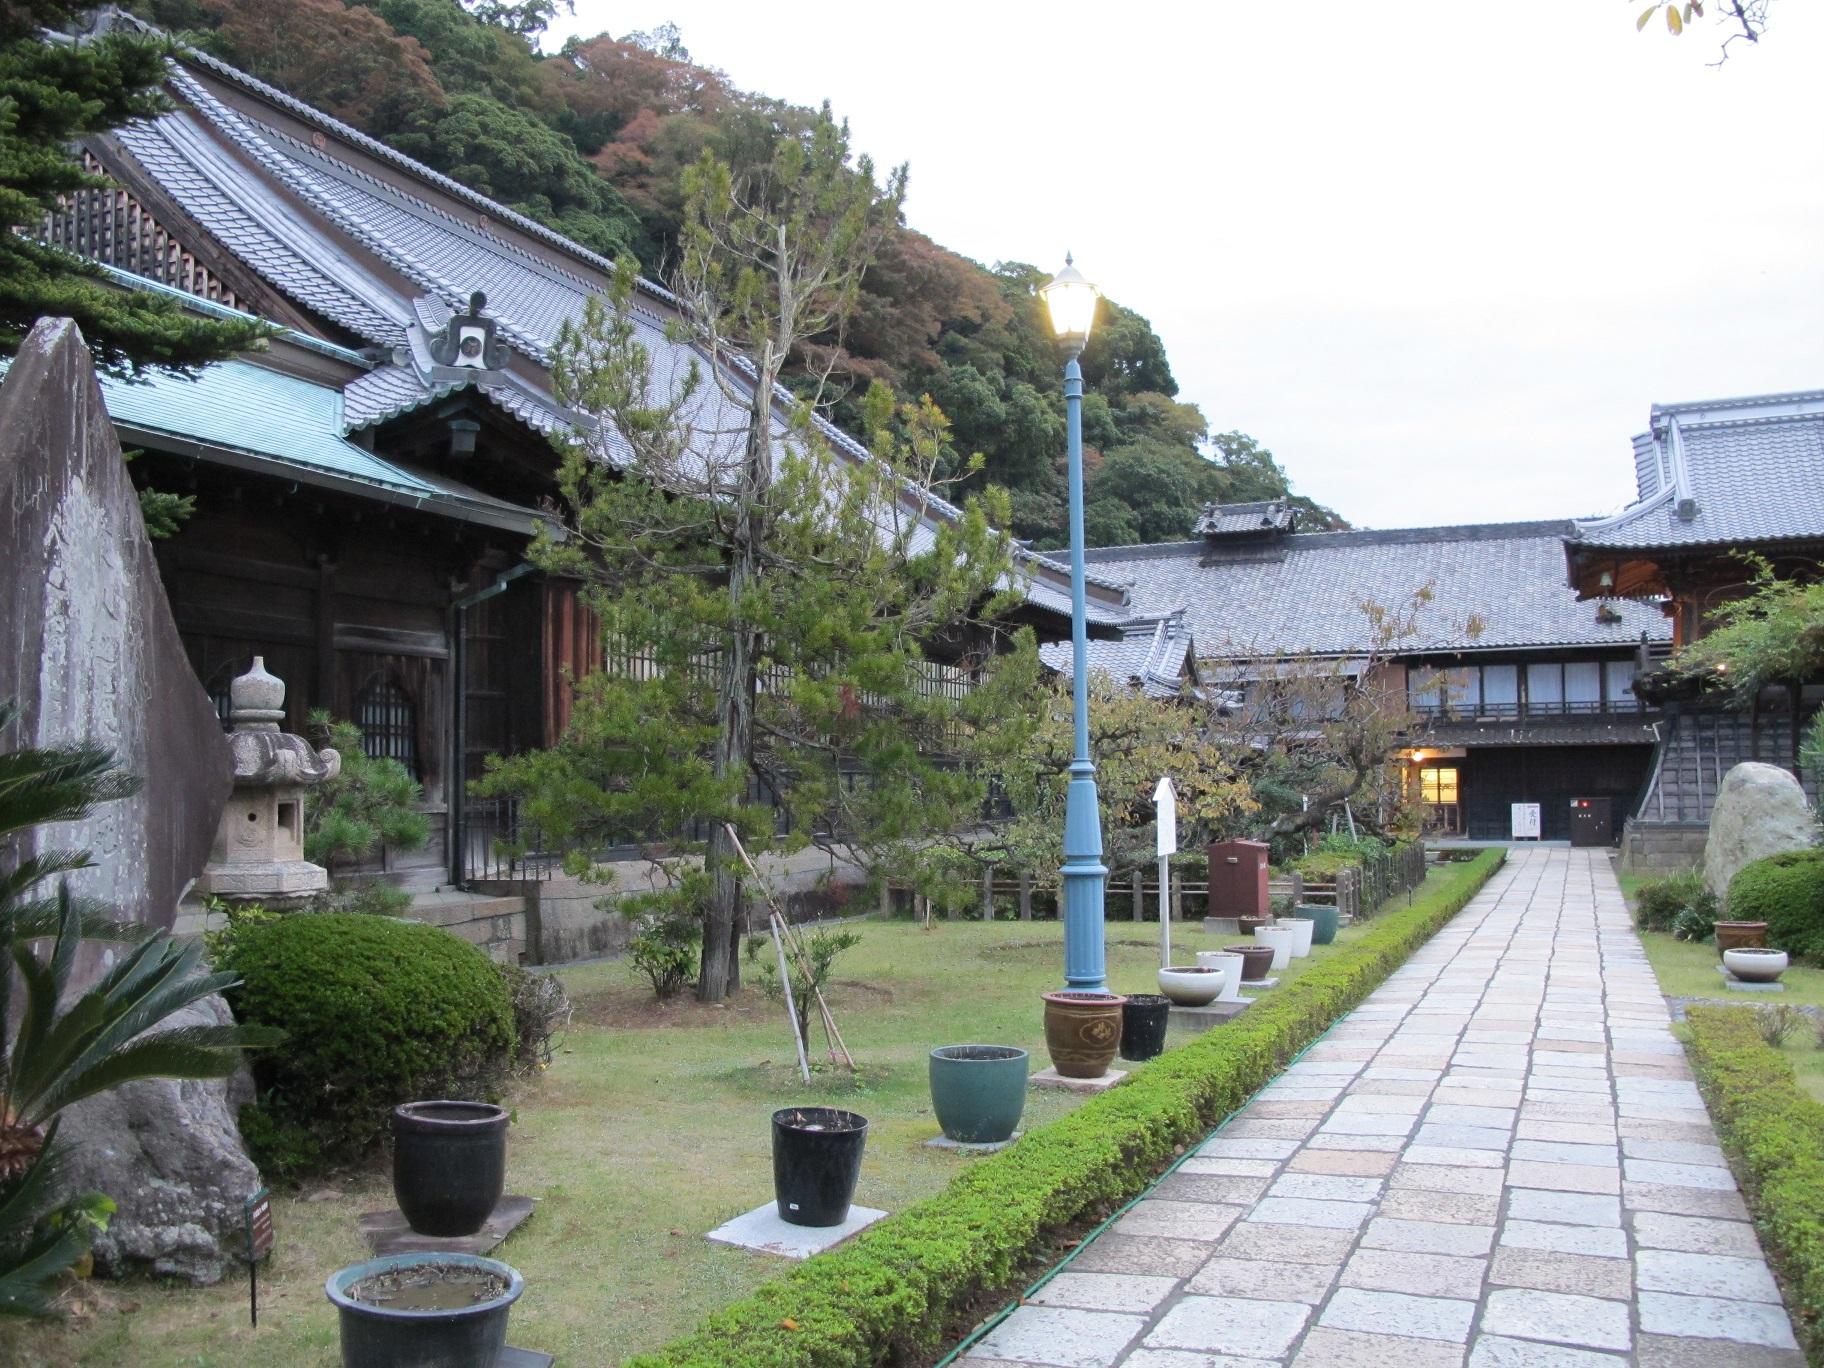 島崎 藤村 桜の 実 の 熟 する 時